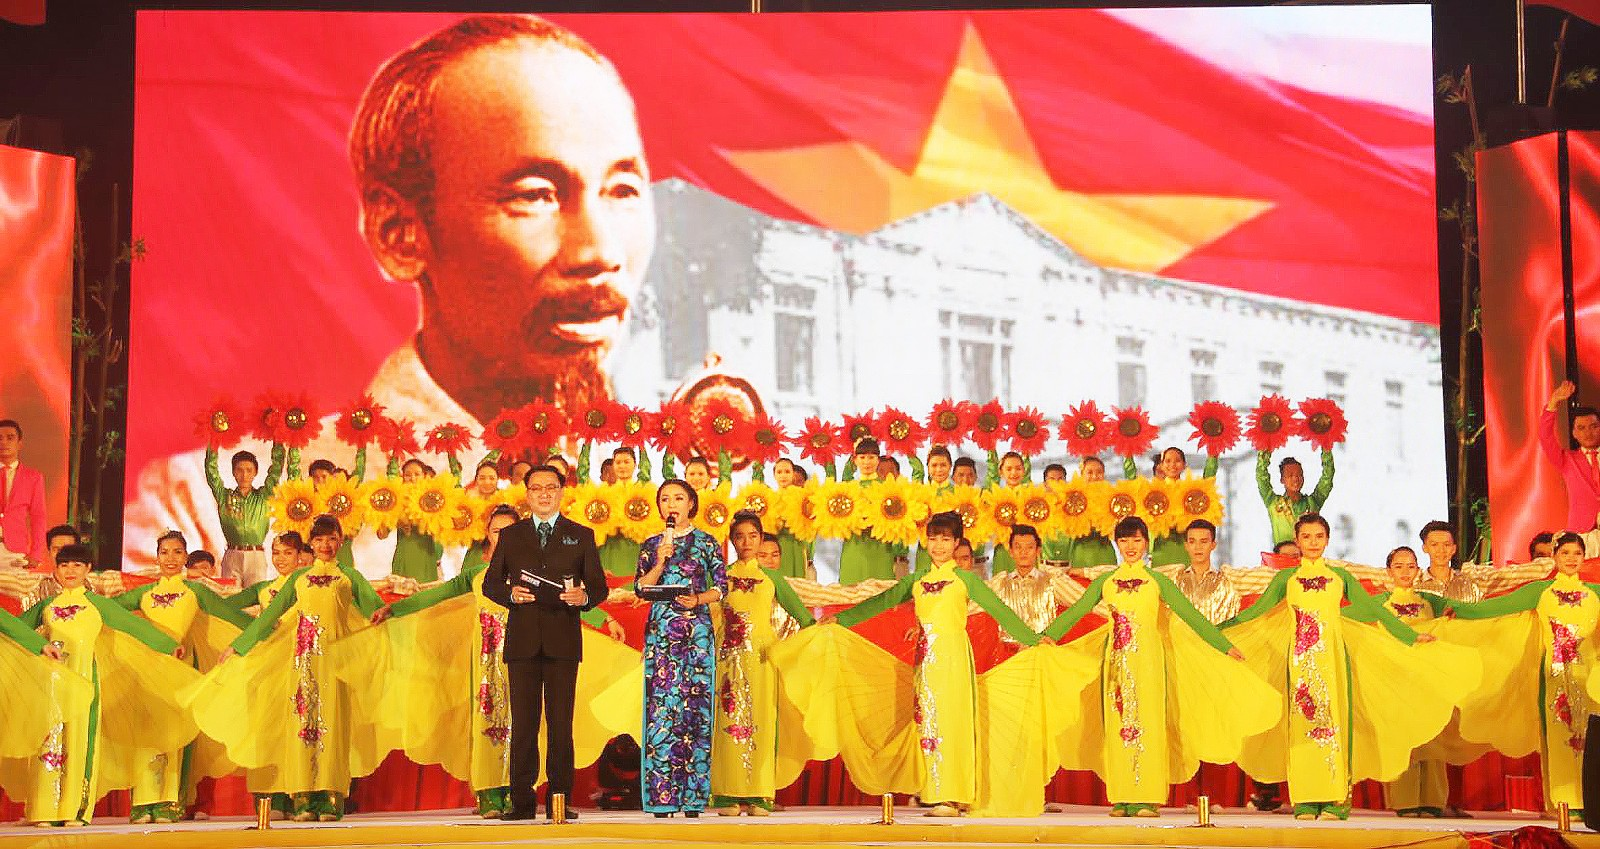 Một chương trình nghệ thuật kỷ niệm Cách Mạng Tháng Tám và Quốc khánh 2-9 tại Cần Thơ.